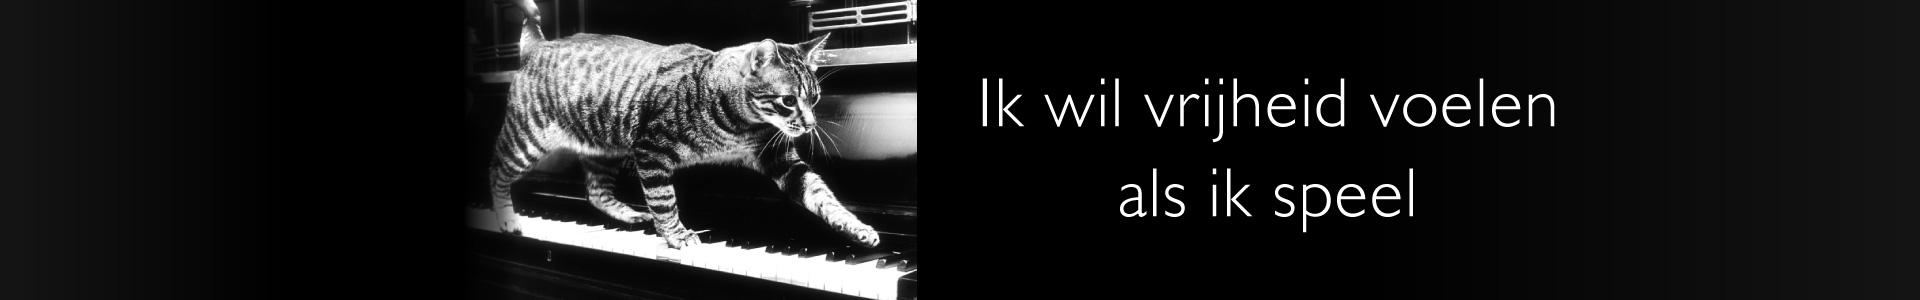 Piano improvisatie, vrijheid voelen als ik speel